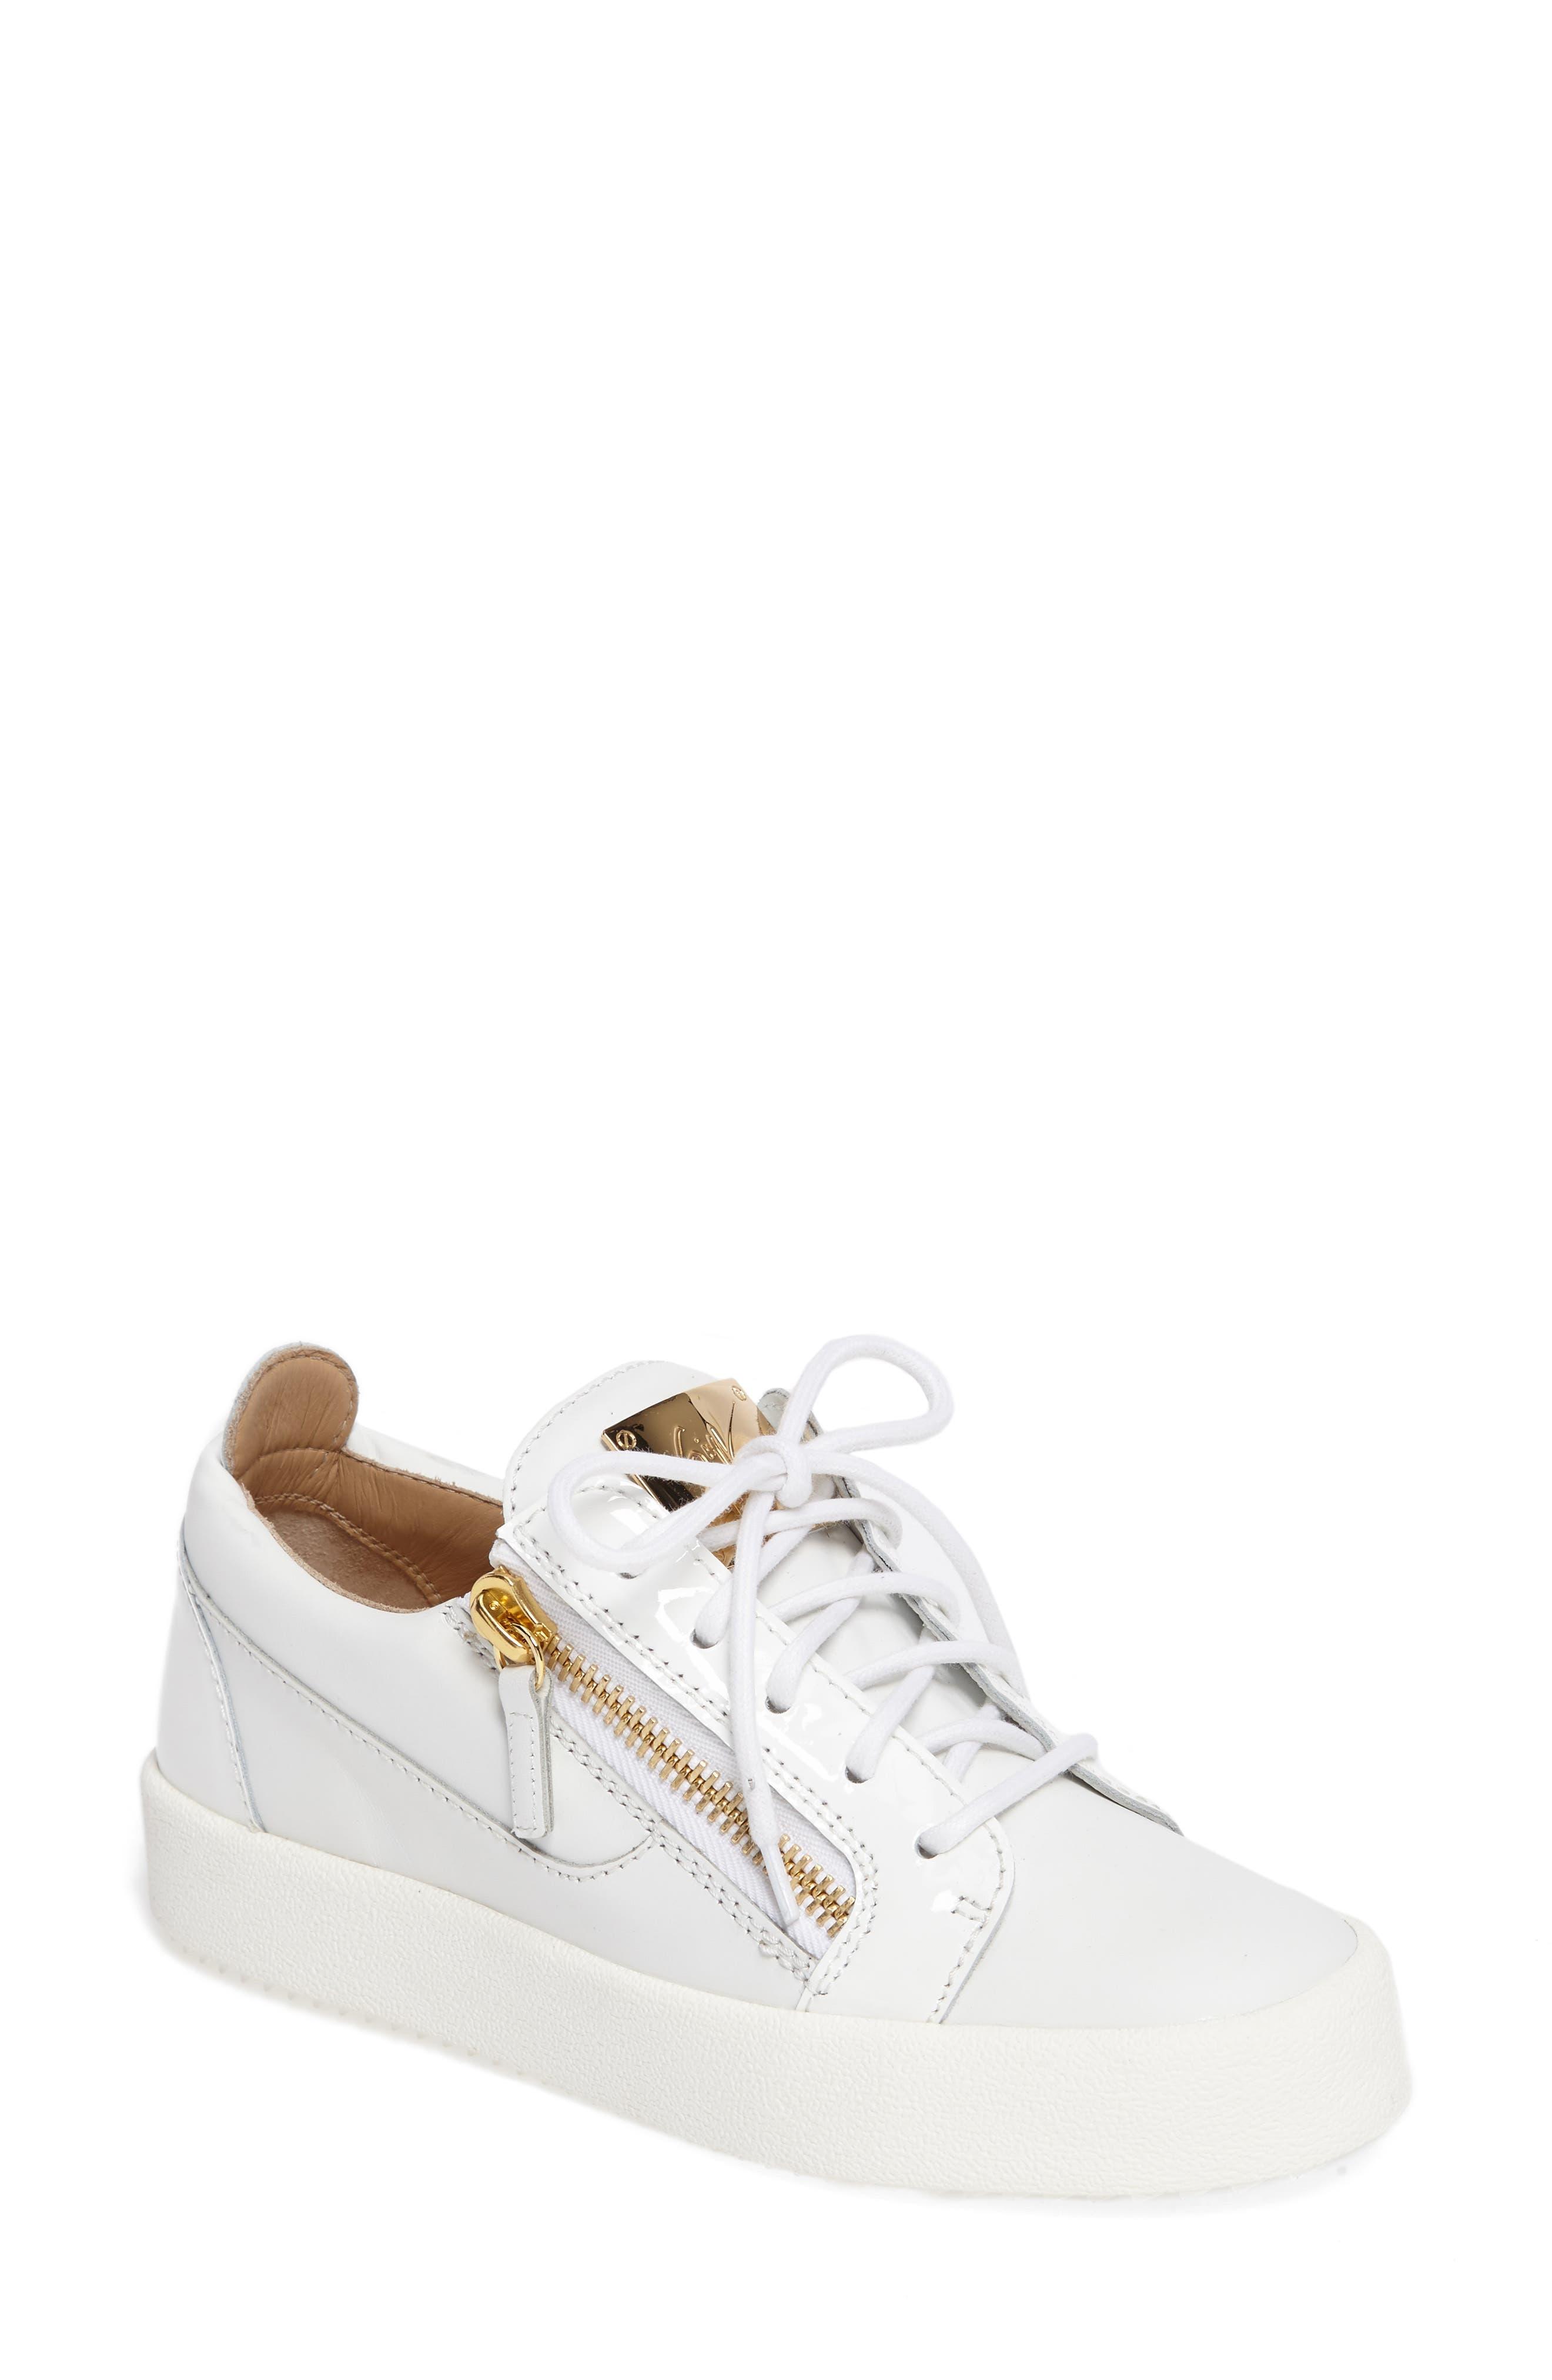 Giuseppe Zanotti Low Top Sneaker (Women